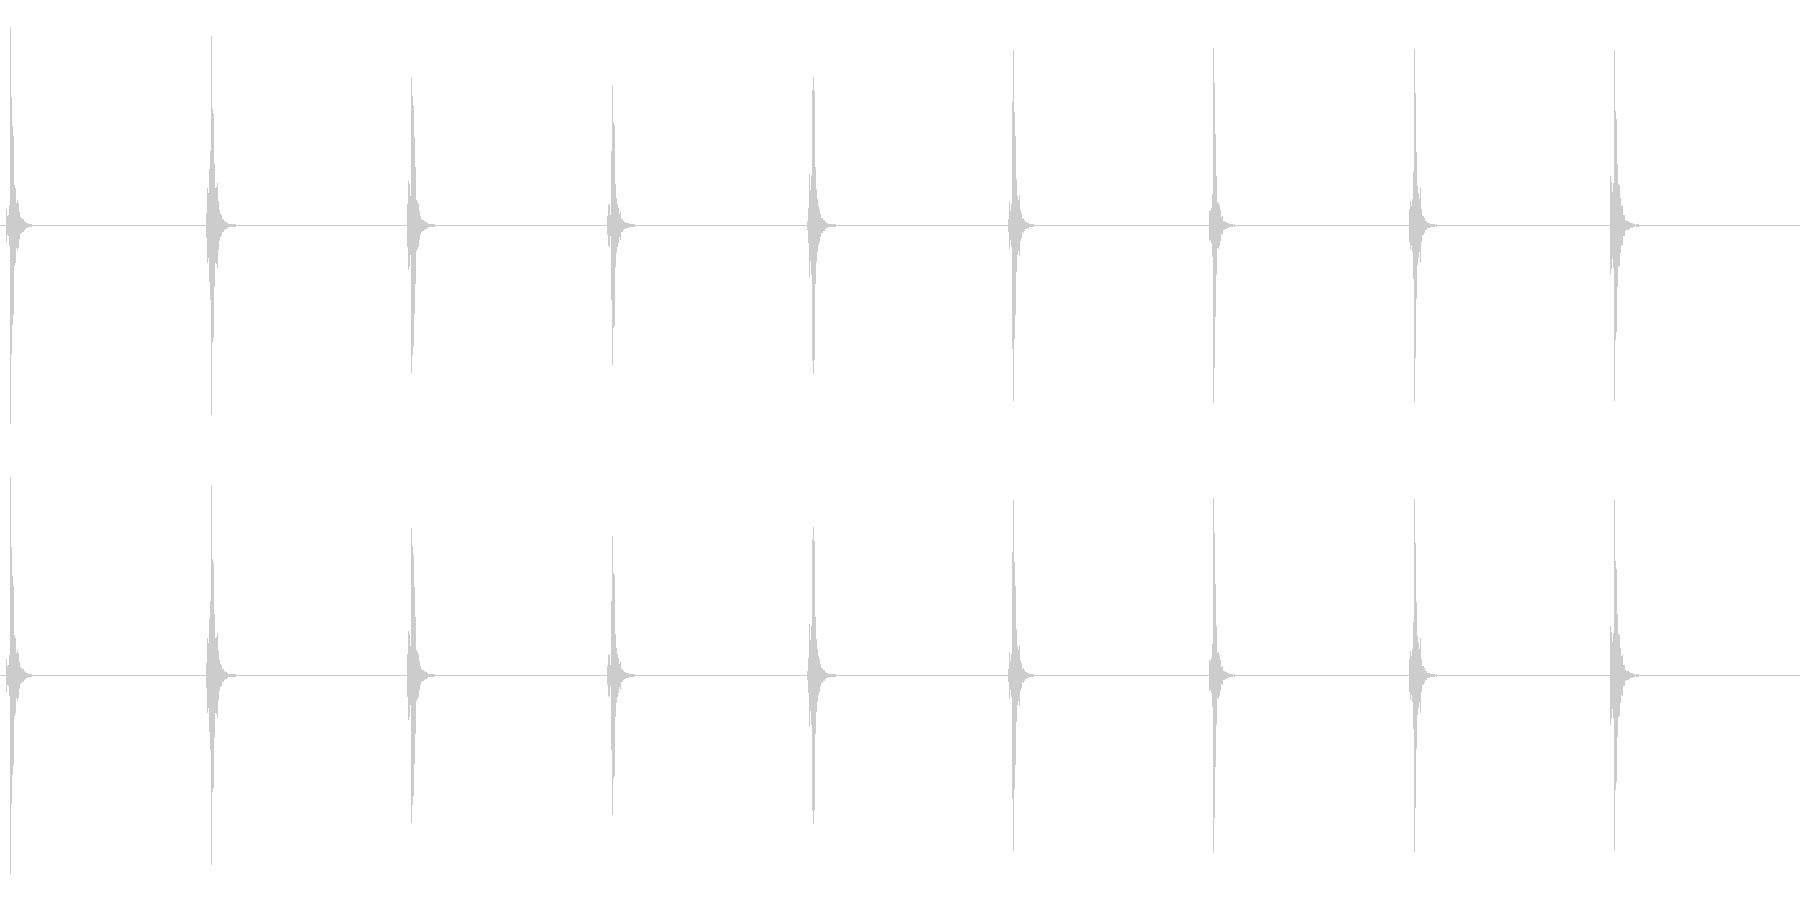 時計 秒針のリアルな効果音 02の未再生の波形